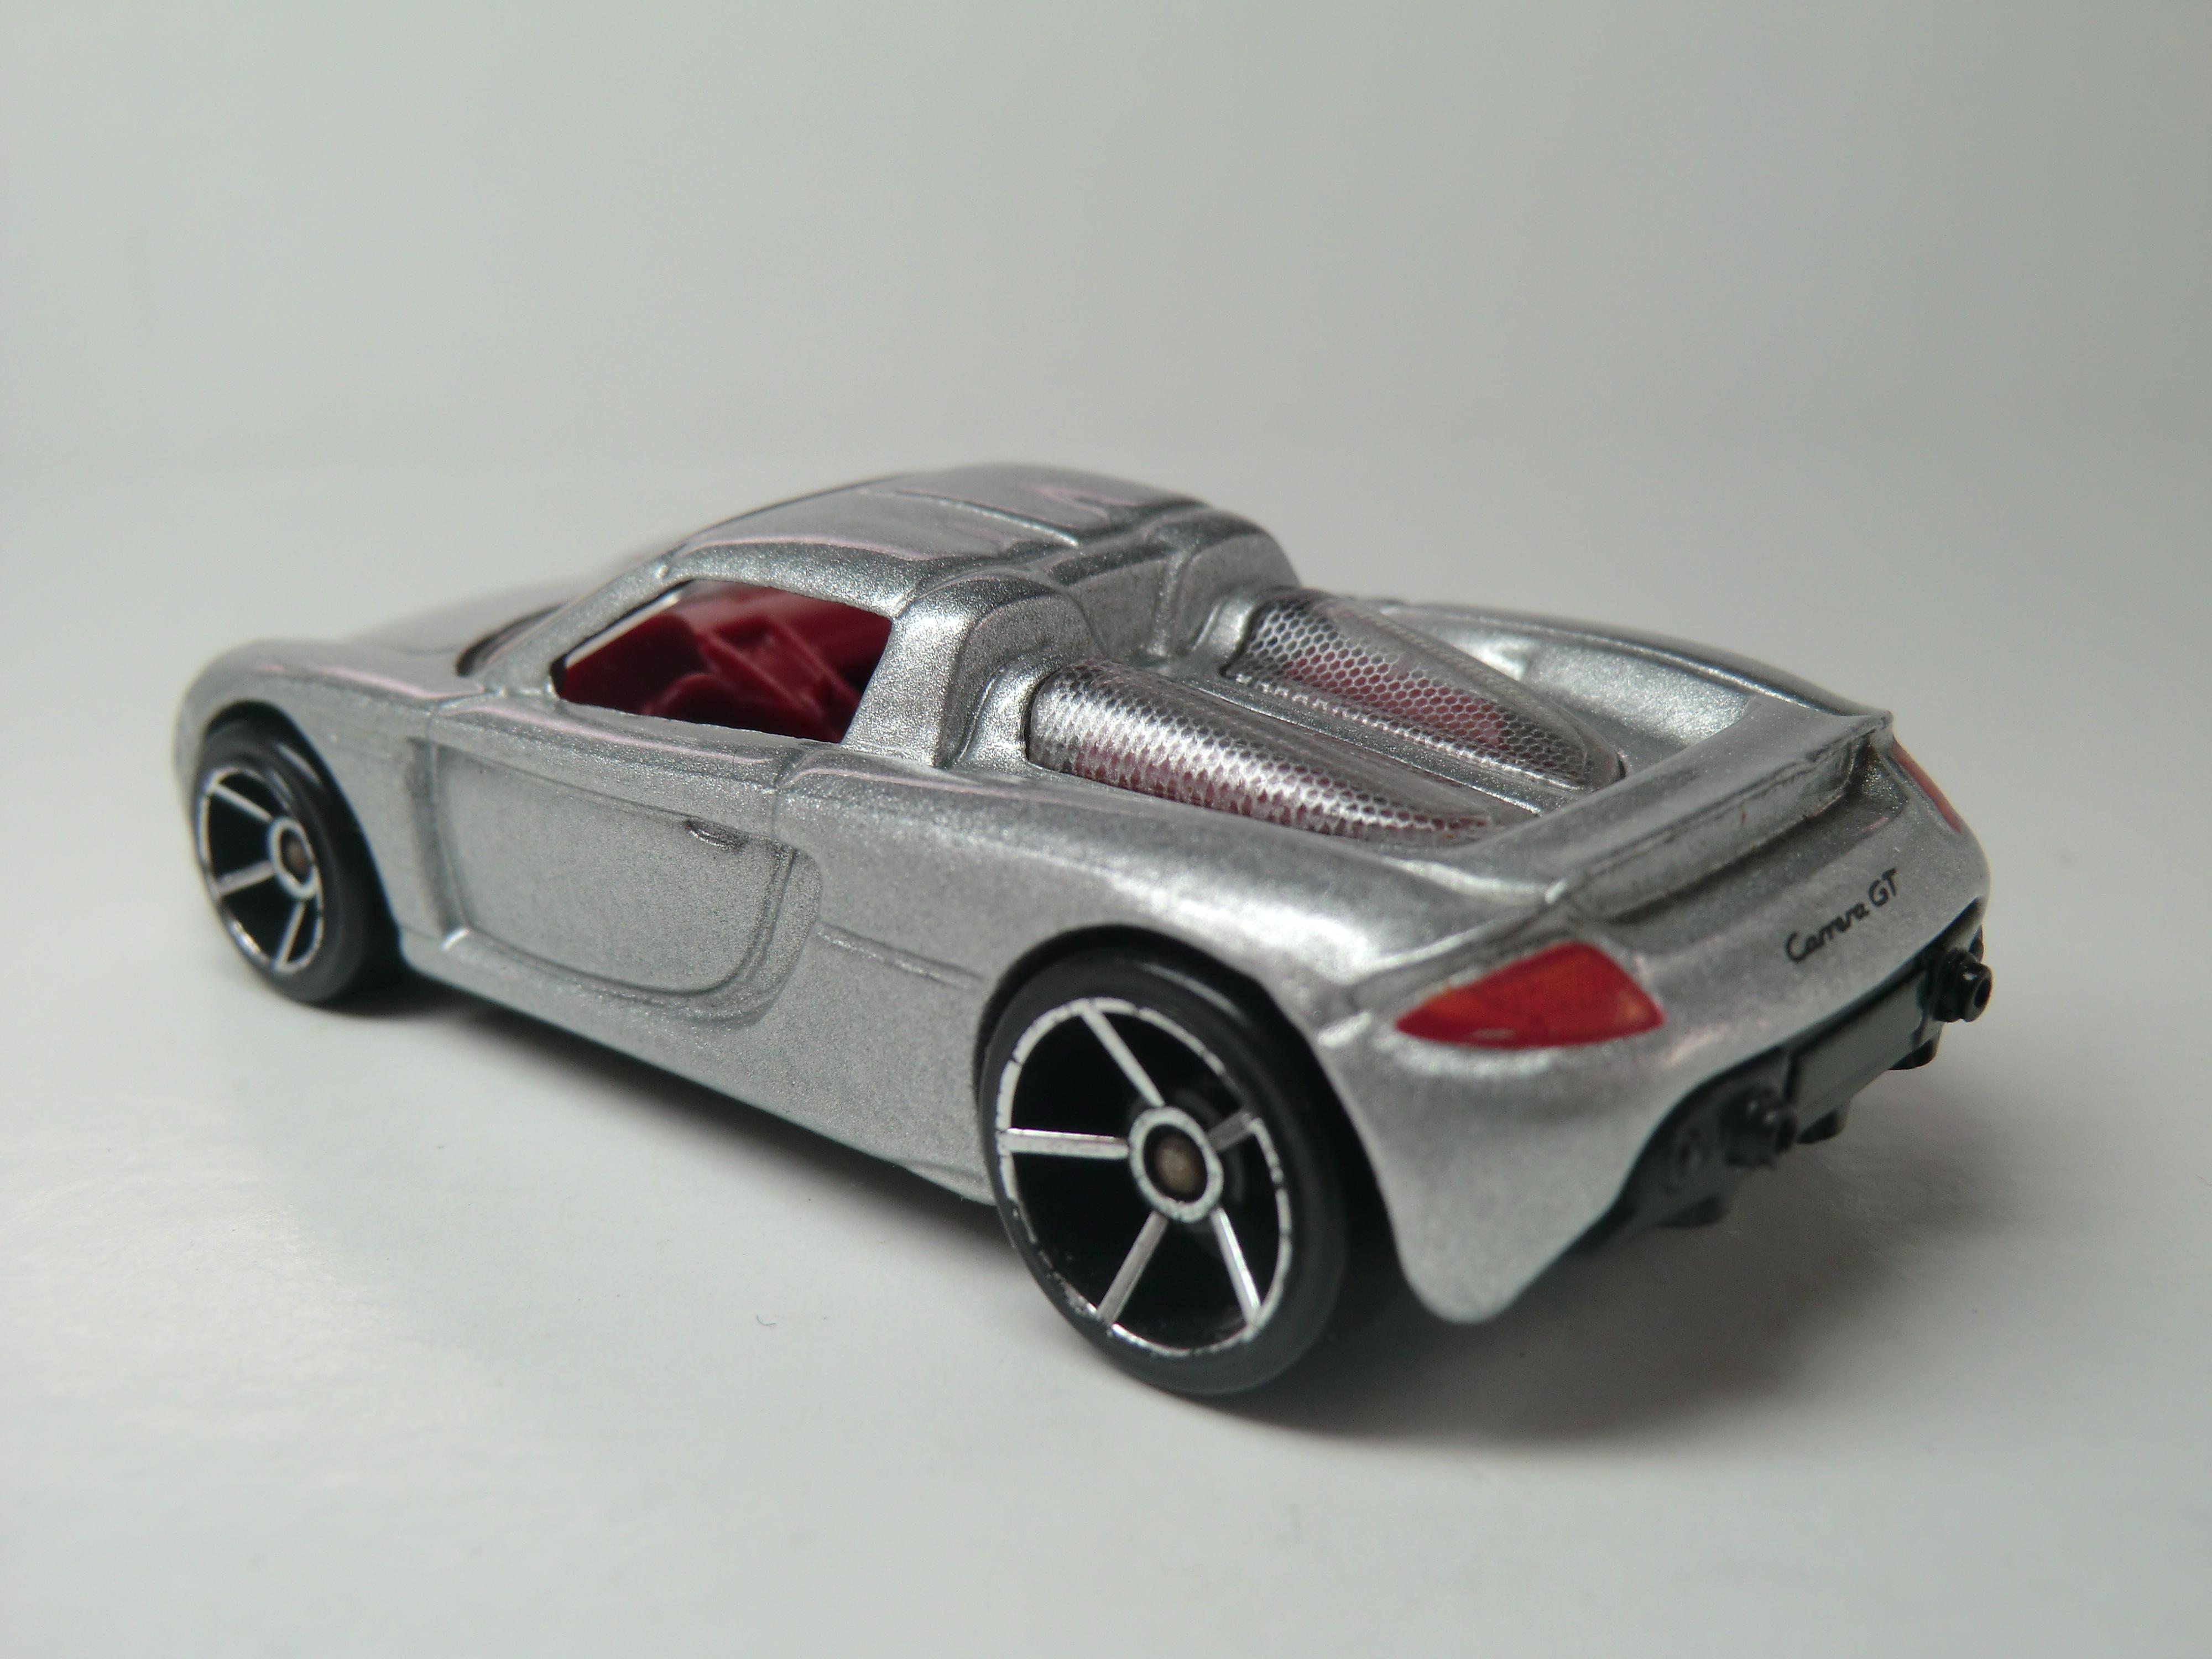 Porsche Carrera GT   Hot Wheels Wiki   FANDOM powered by Wikia on porsche ruf ctr, porsche truck, porsche concept, porsche gt3, porsche turbo, porsche macan, porsche boxter, porsche gt3rs, porsche gt 2, porsche 904 gts, porsche sport, porsche cayman, porsche boxster, porsche gtr3, porsche mirage, porsche cayenne,